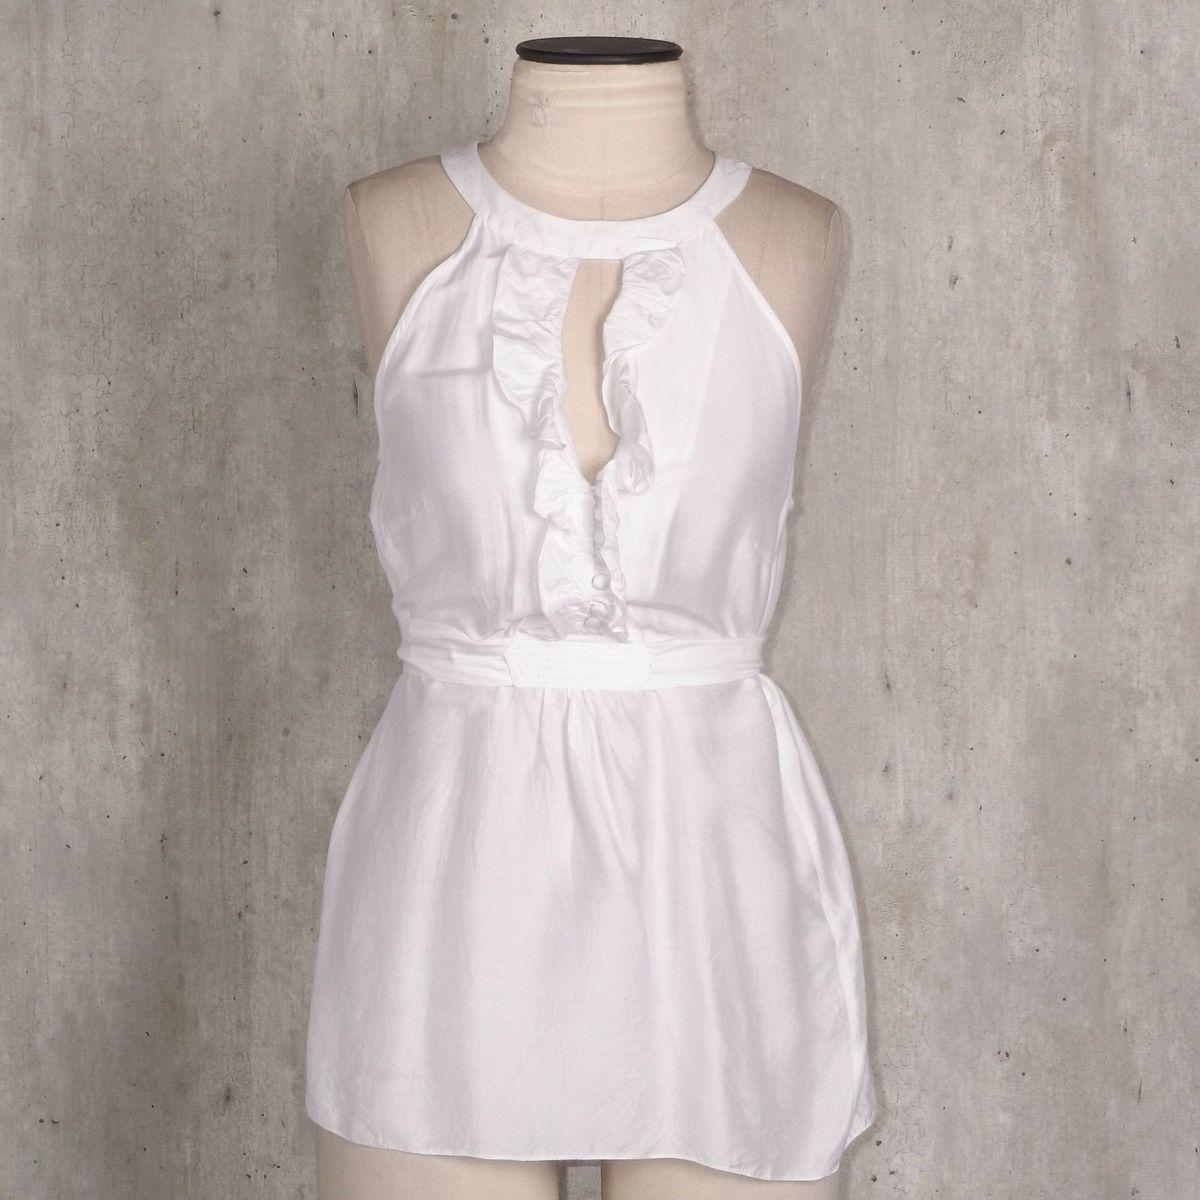 debaeda3895 blusa folic branca - blusas folic.  Czm6ly9wag90b3muzw5qb2vplmnvbs5ici9wcm9kdwn0cy83mzk0mtqxlzixotllmtyxn2fkzmyyytnkzta5ntbiowzinmi0zgnmlmpwzw  ...